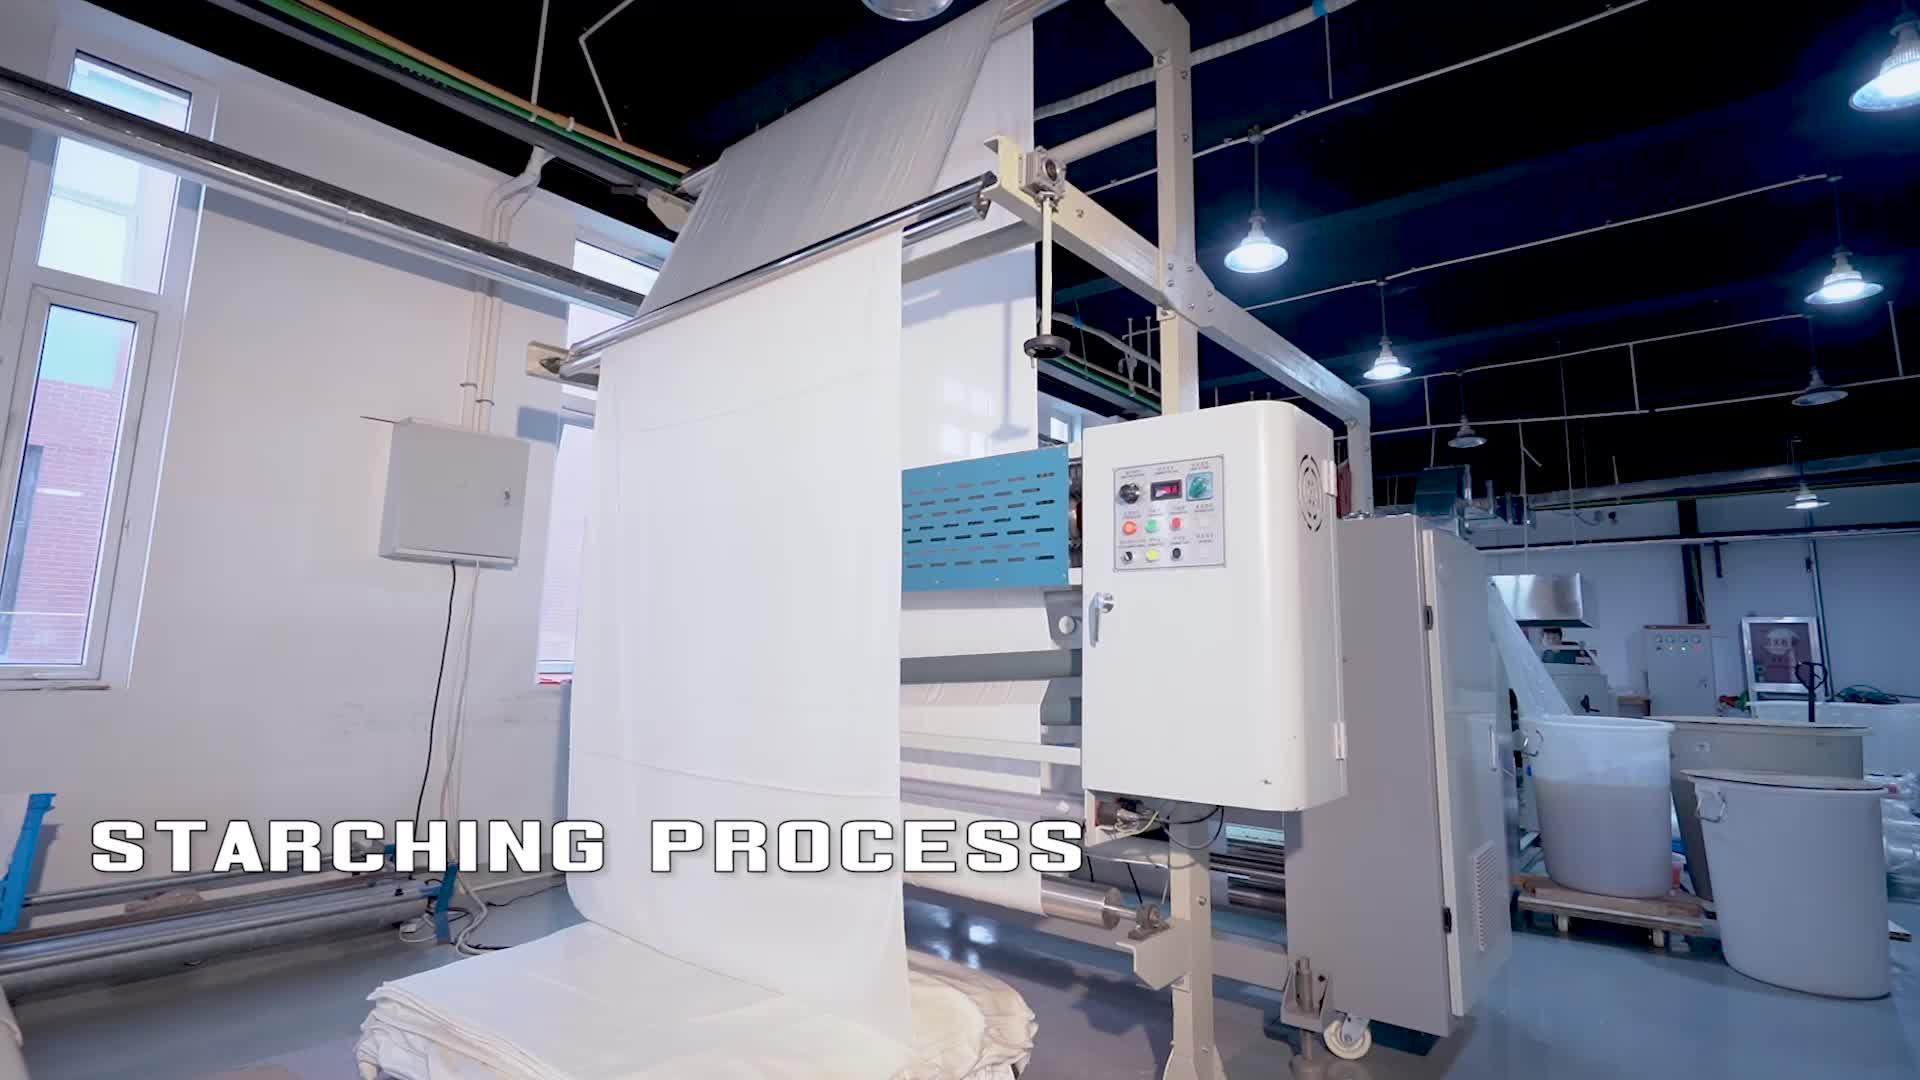 カスタムデジタル印刷 110*110 センチメートル絹のスカーフとツイル生地 14 ミリメートル